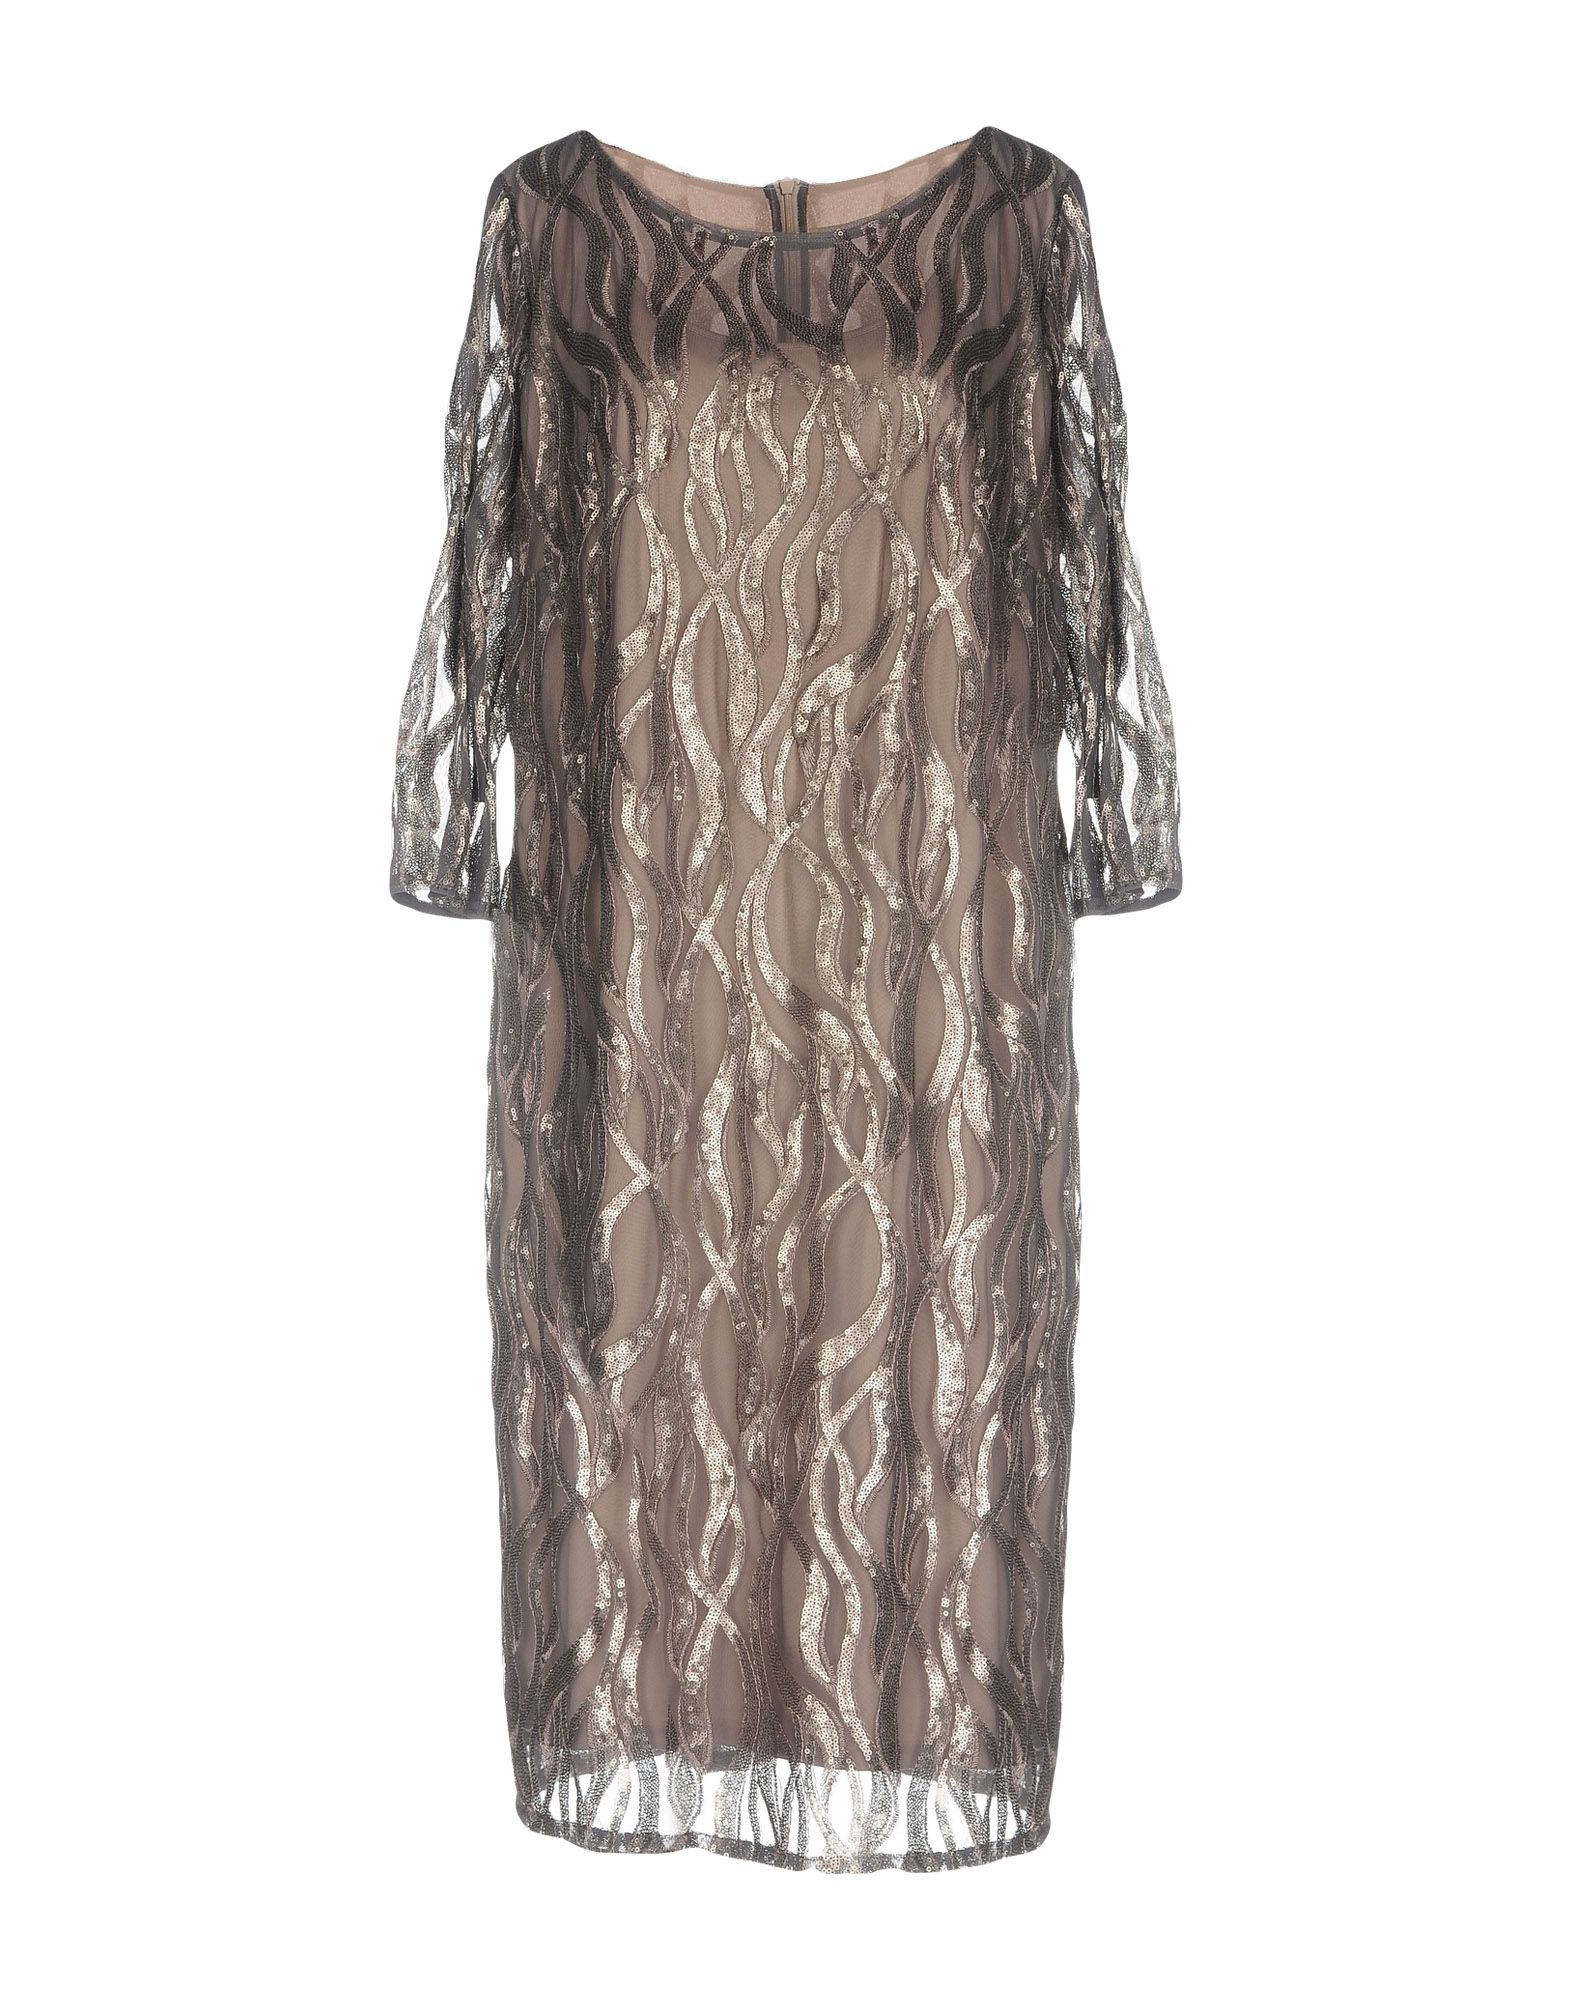 VERA MONT Платье до колена платье mont pellier платья и сарафаны кружевные ажурные и гипюровые